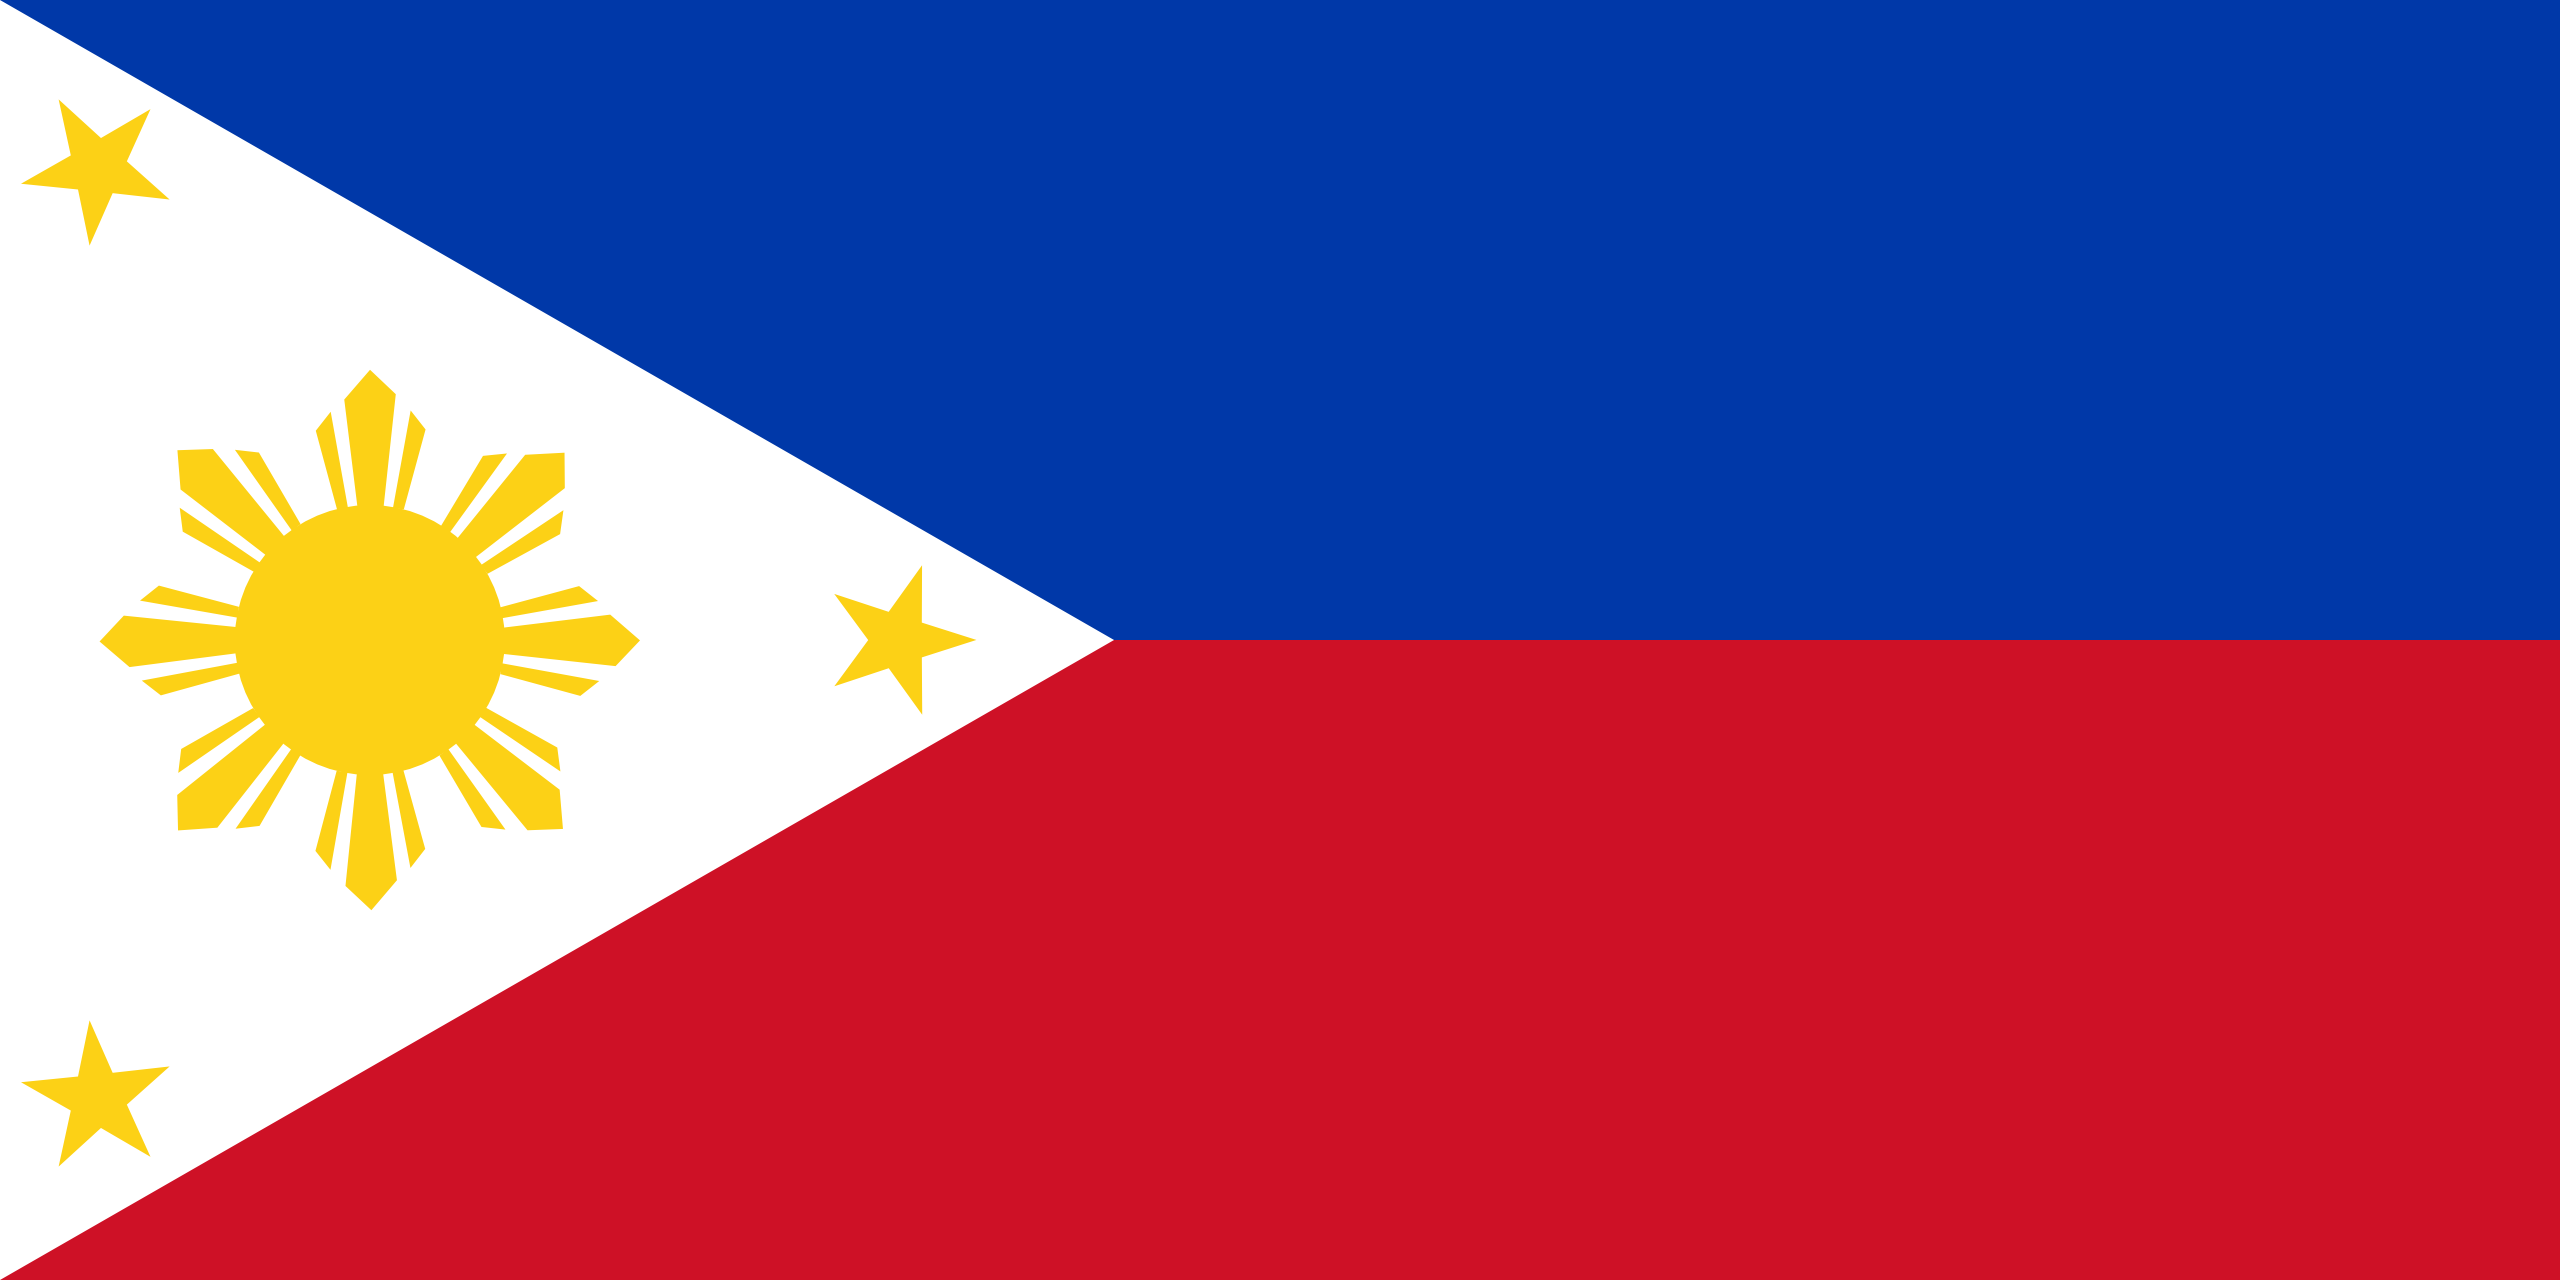 filipinas, Land, Emblem, Logo, Symbol - Wallpaper HD - Prof.-falken.com